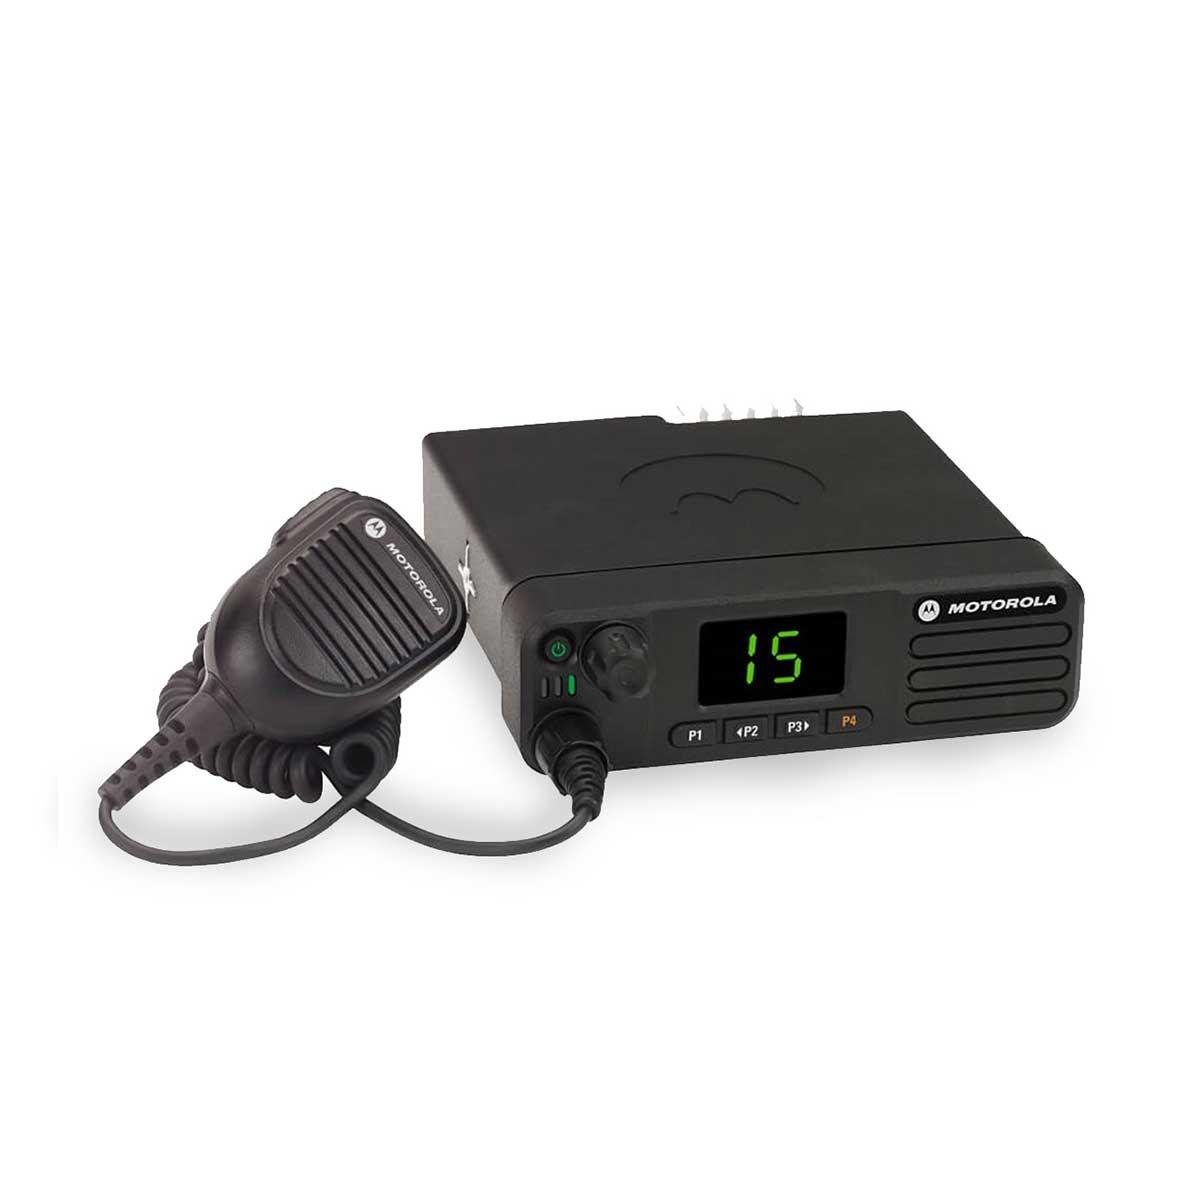 Radio Motorola DGM5000e Digital LAM28JQC9SA1AN VHF 136-174 MHZ de 45W